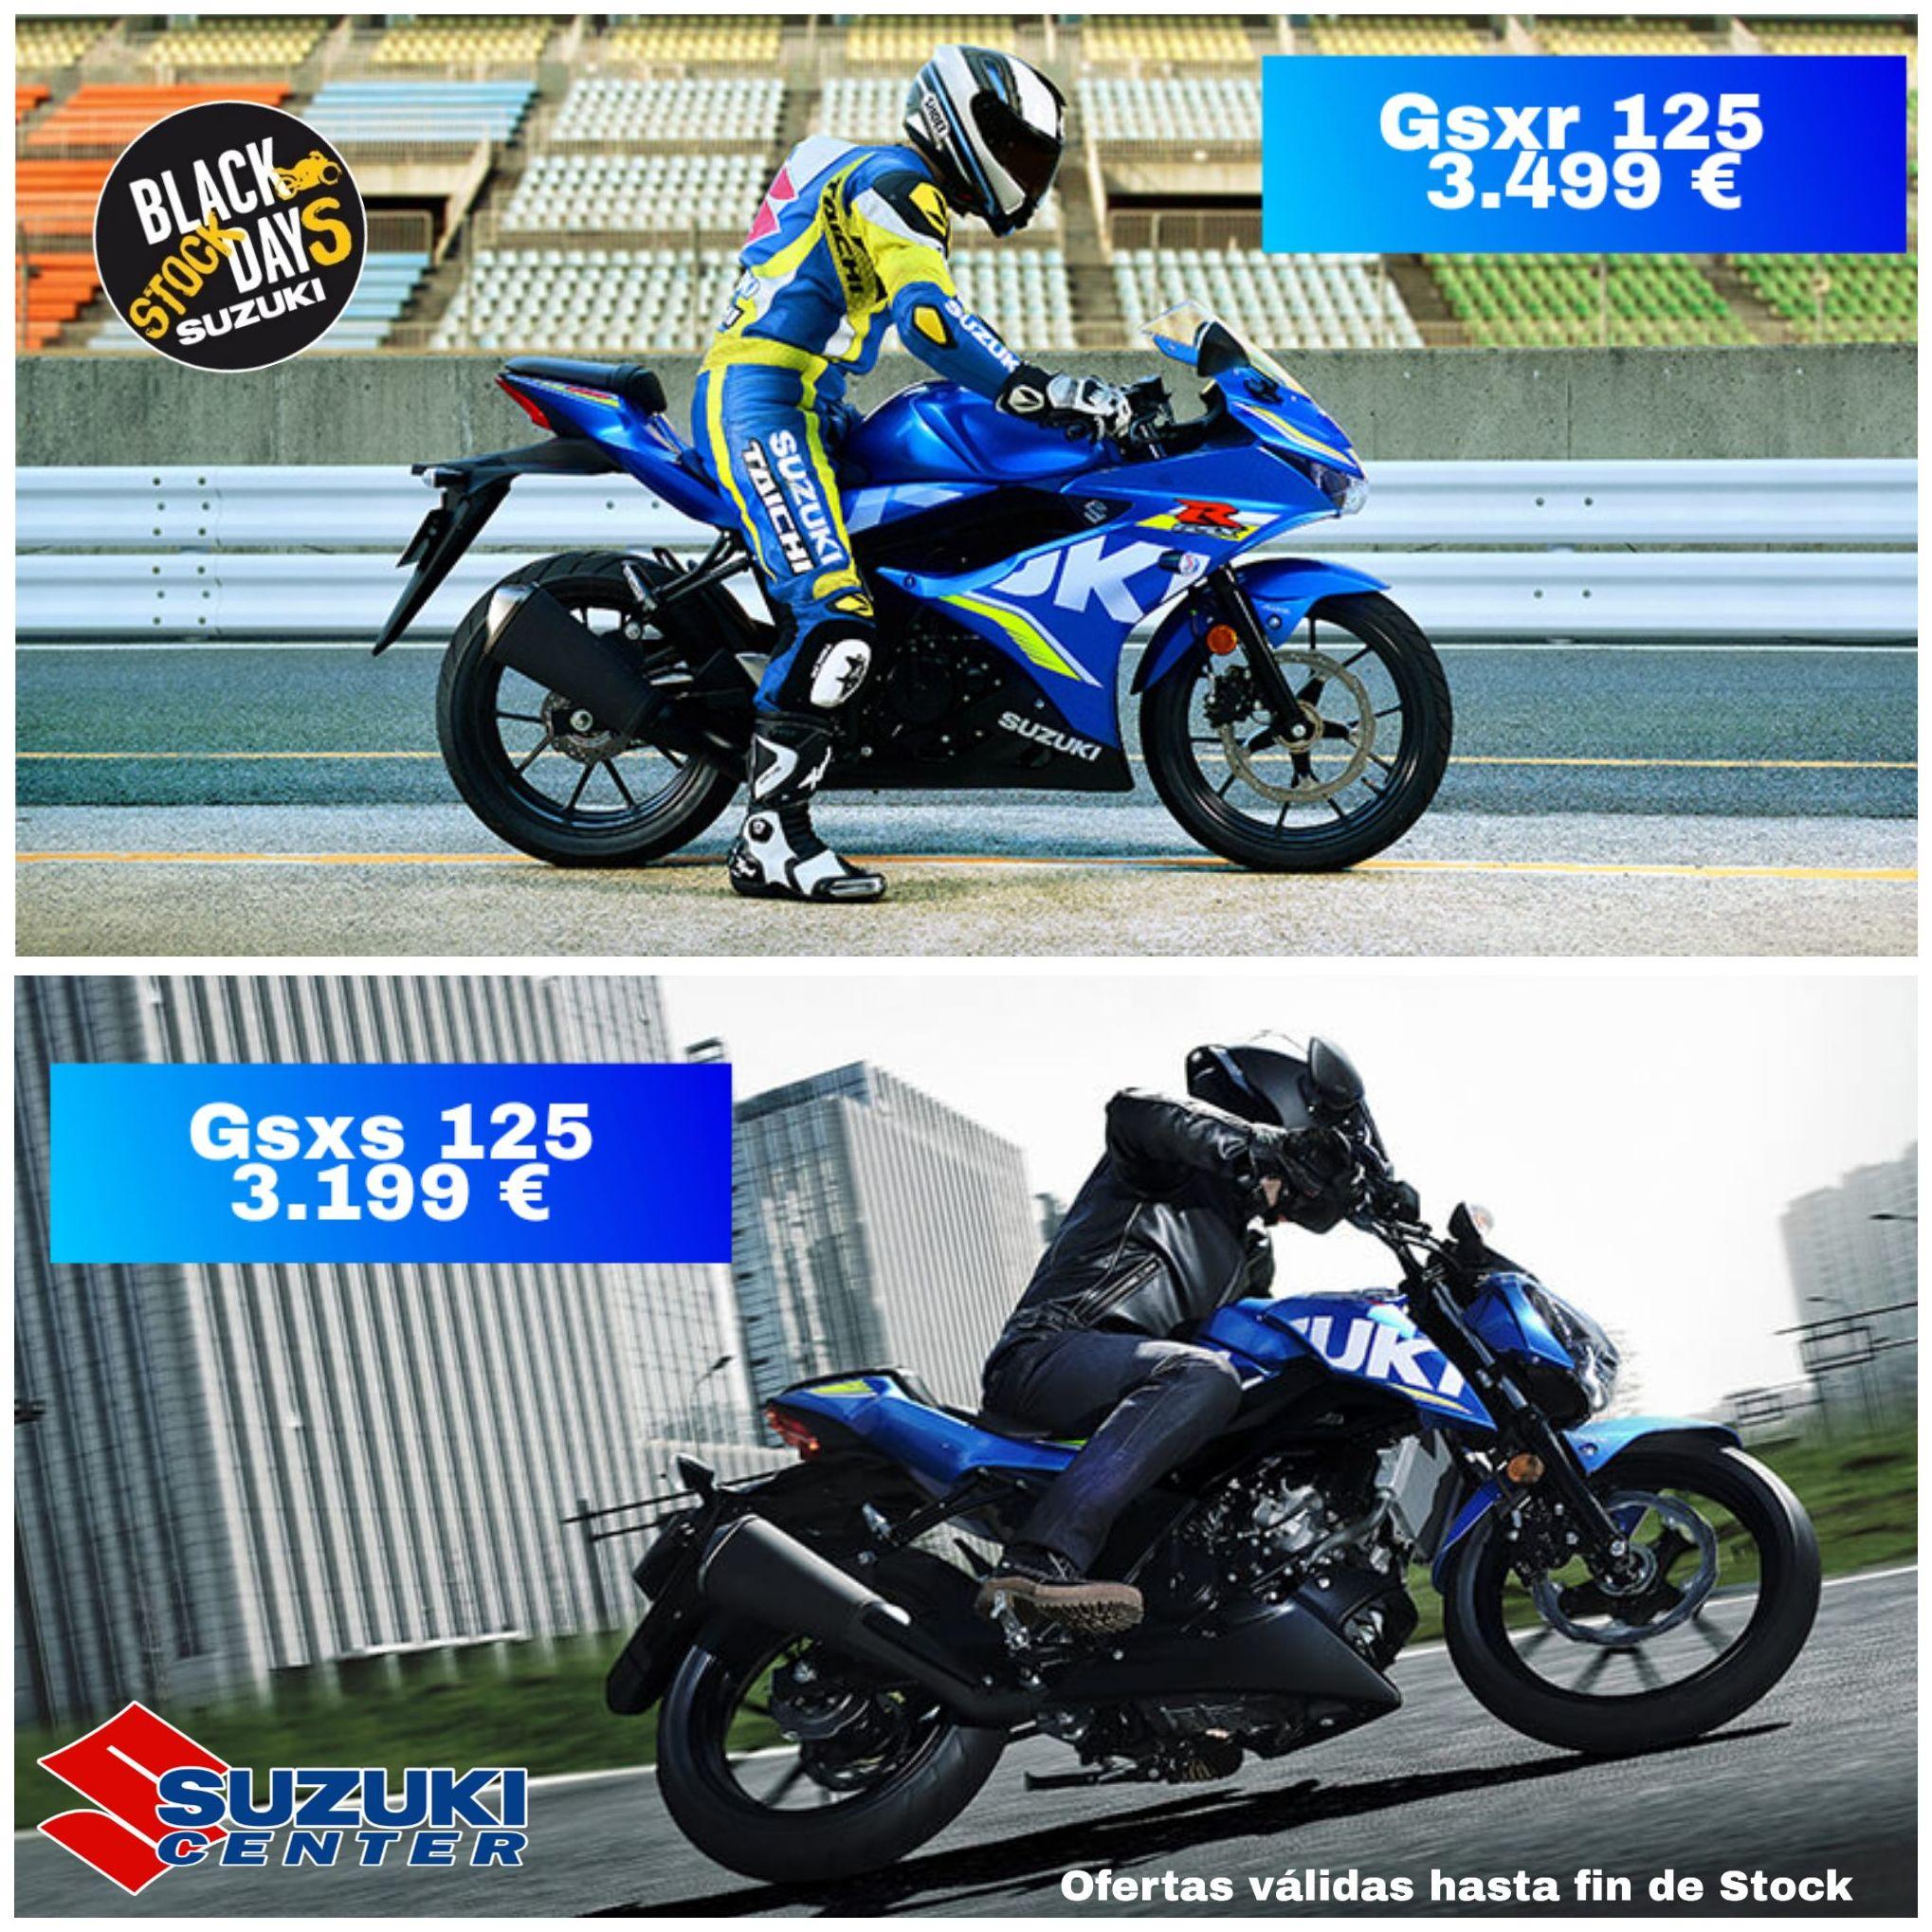 Oferta Gsxs y Gsxr 125 desde 3.199 €